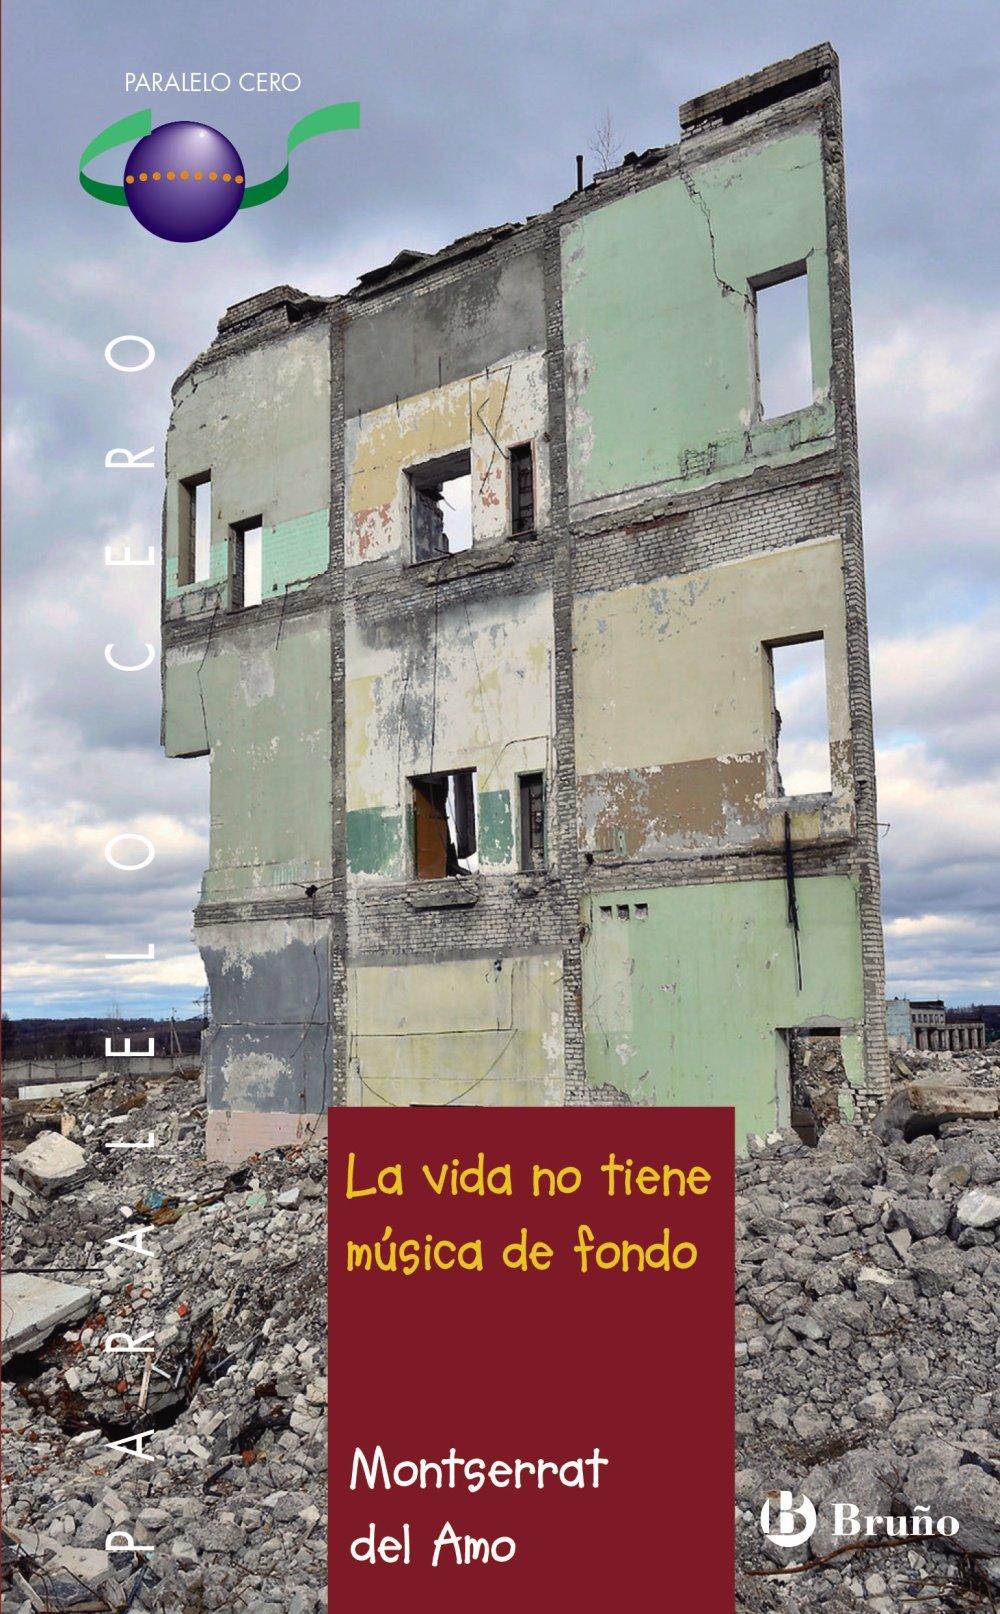 La vida no tiene música de fondo Castellano - Juvenil - Paralelo Cero: Amazon.es: Montserrat Del Amo: Libros